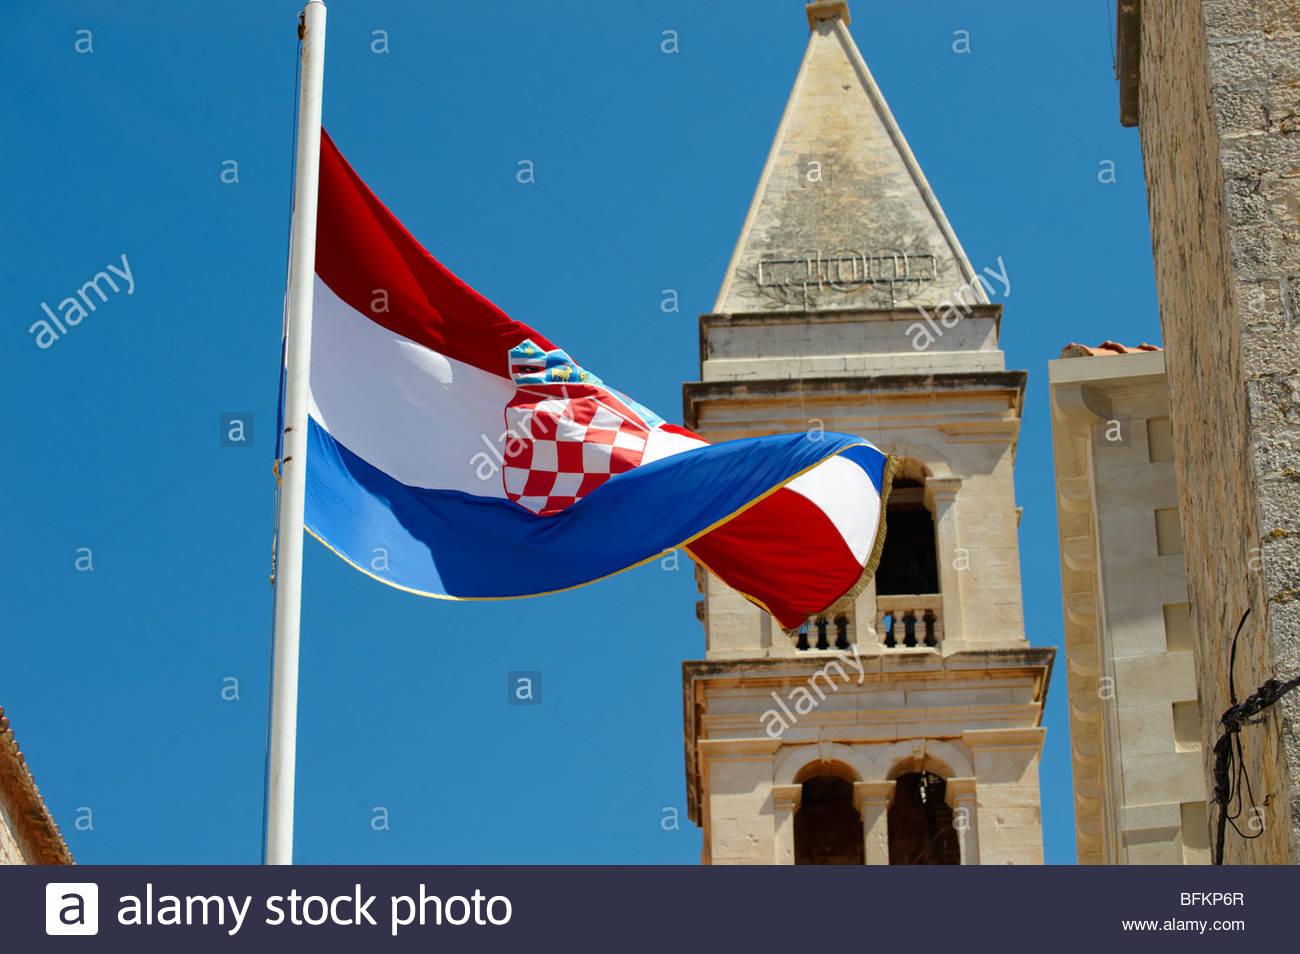 Il croato bandiera nazionale, porto di Supetar, isola di Brac, Croazia Immagini Stock